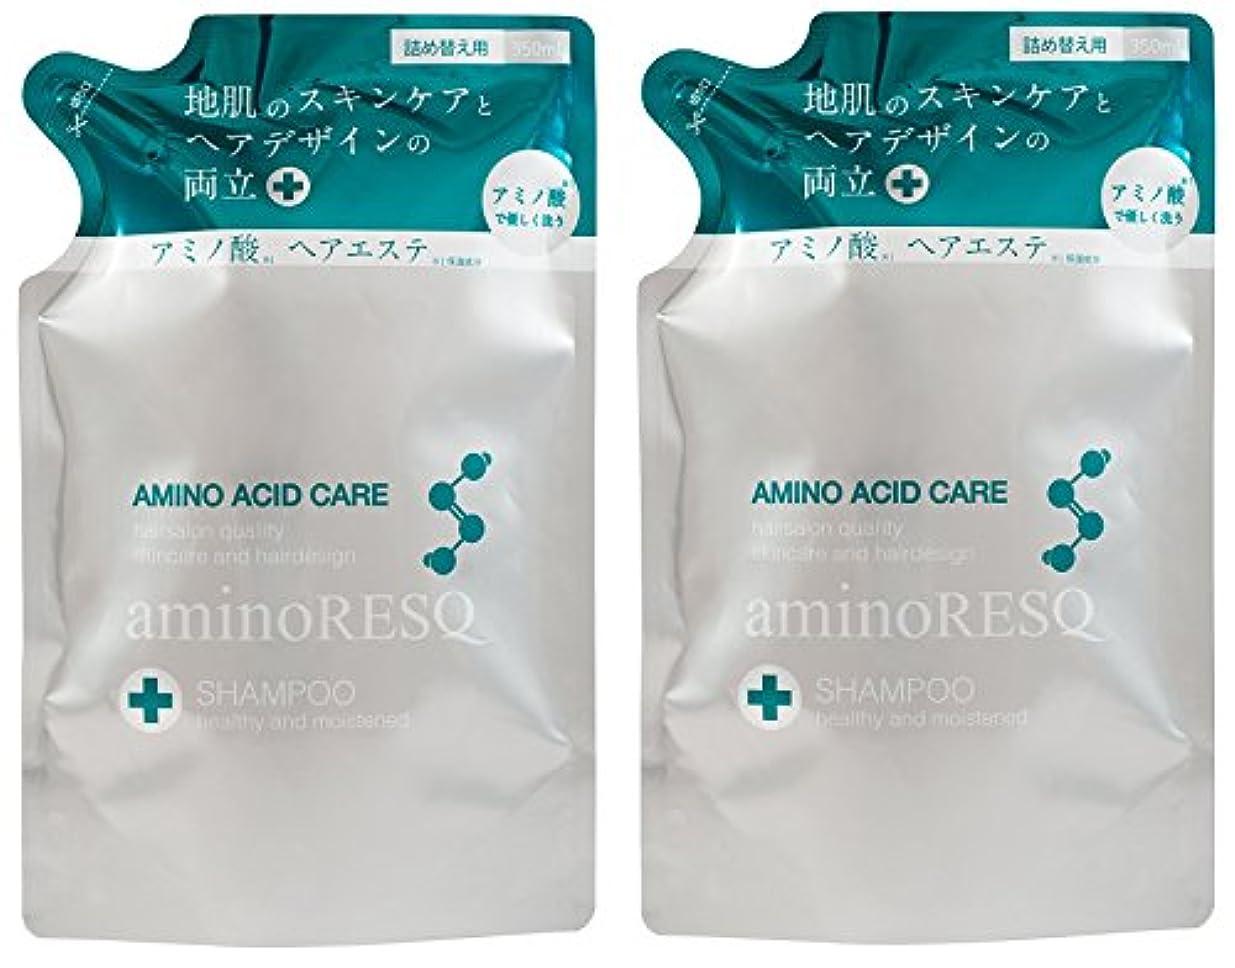 害また明日ね副【2個セット】aminoRESQ アミノレスキュー シャンプー詰替